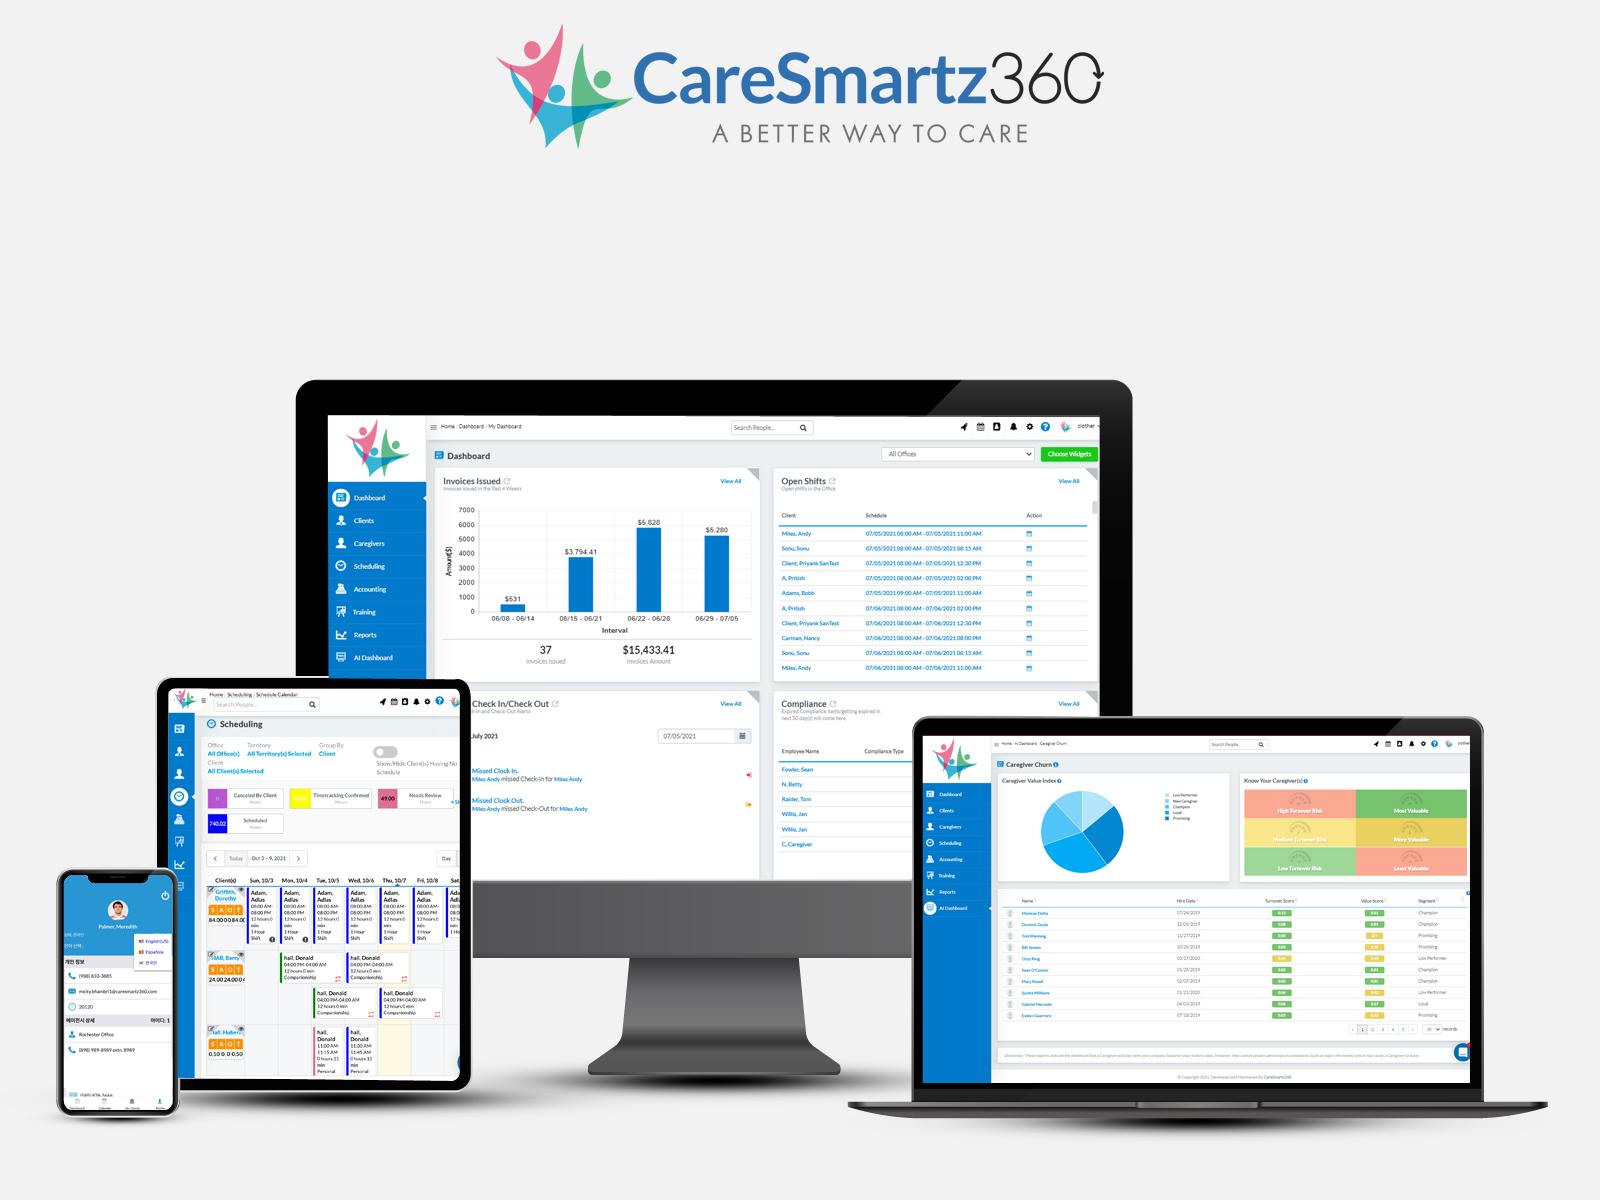 CareSmartz360 Home Care Software